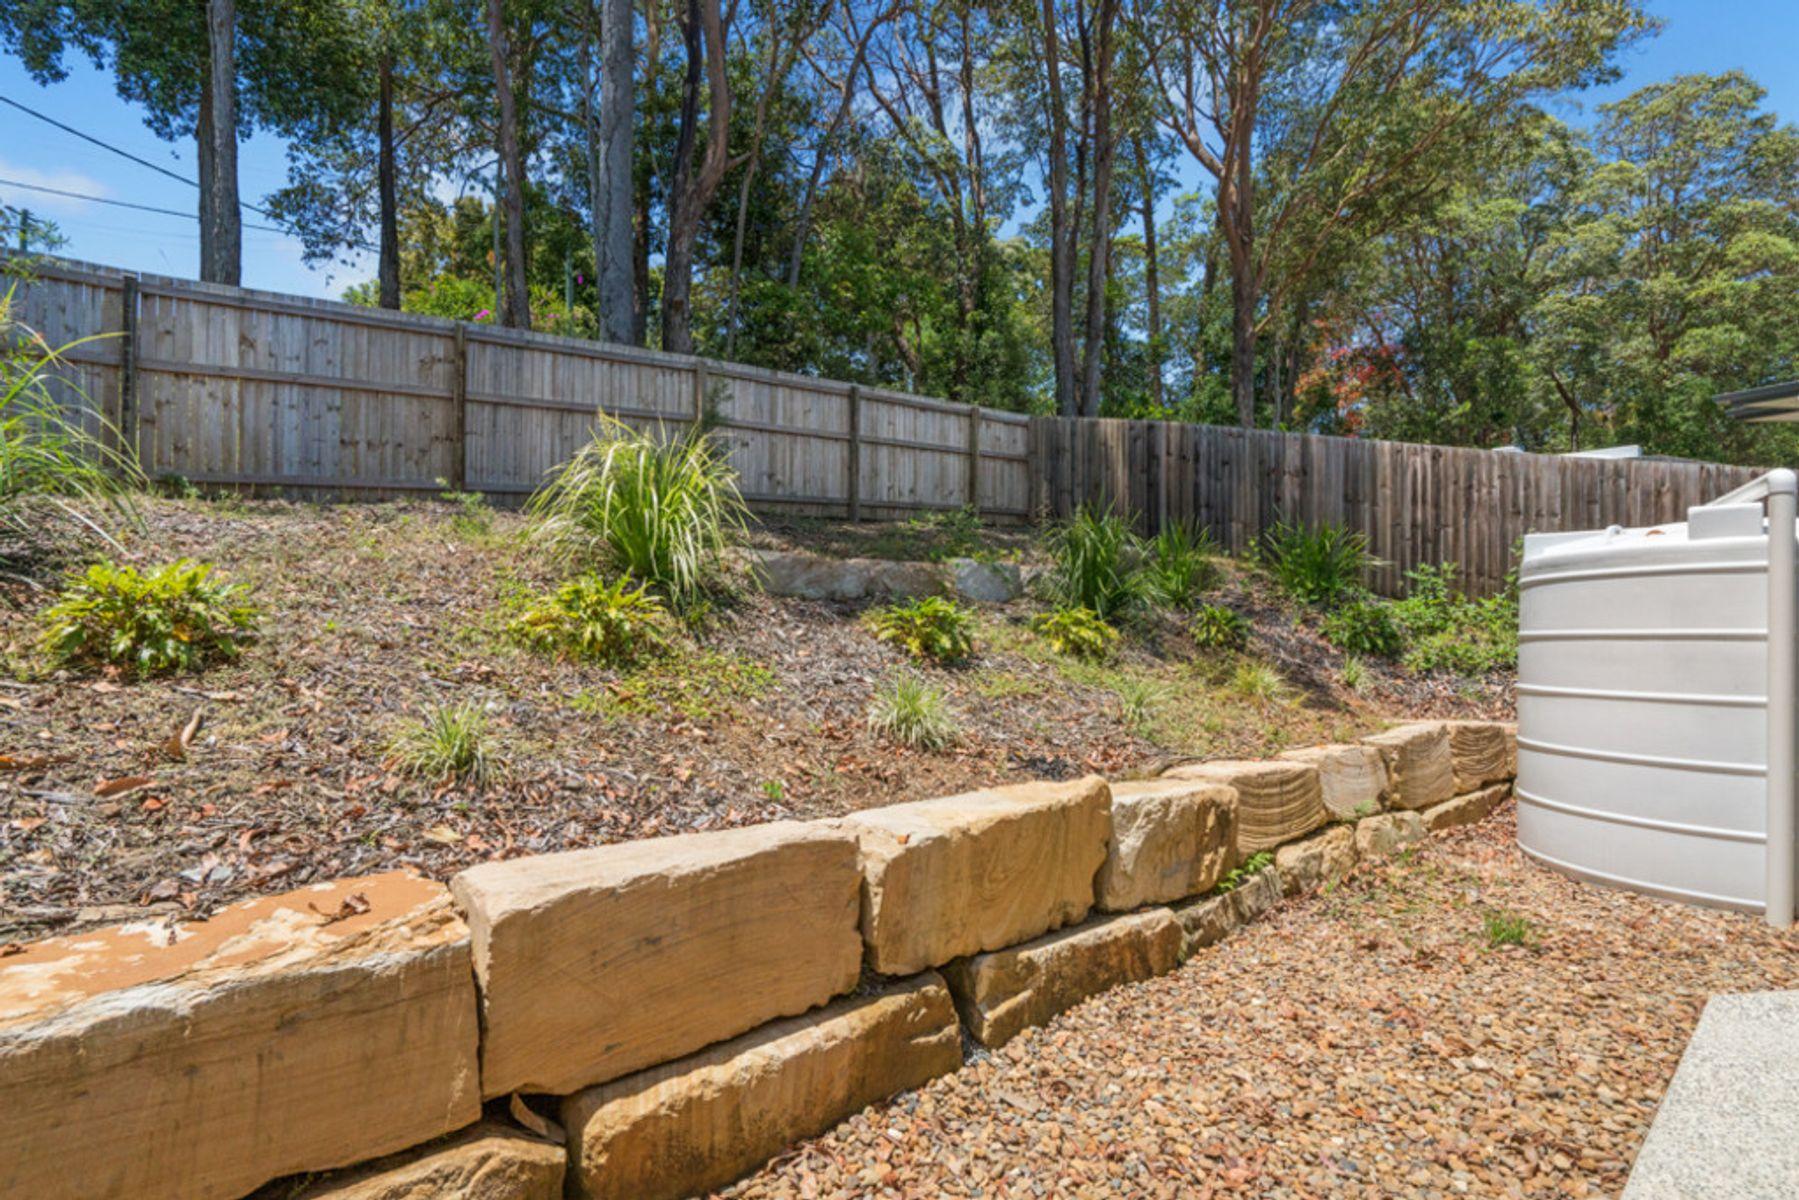 2/10 Macaranga Place, Palmwoods, QLD 4555